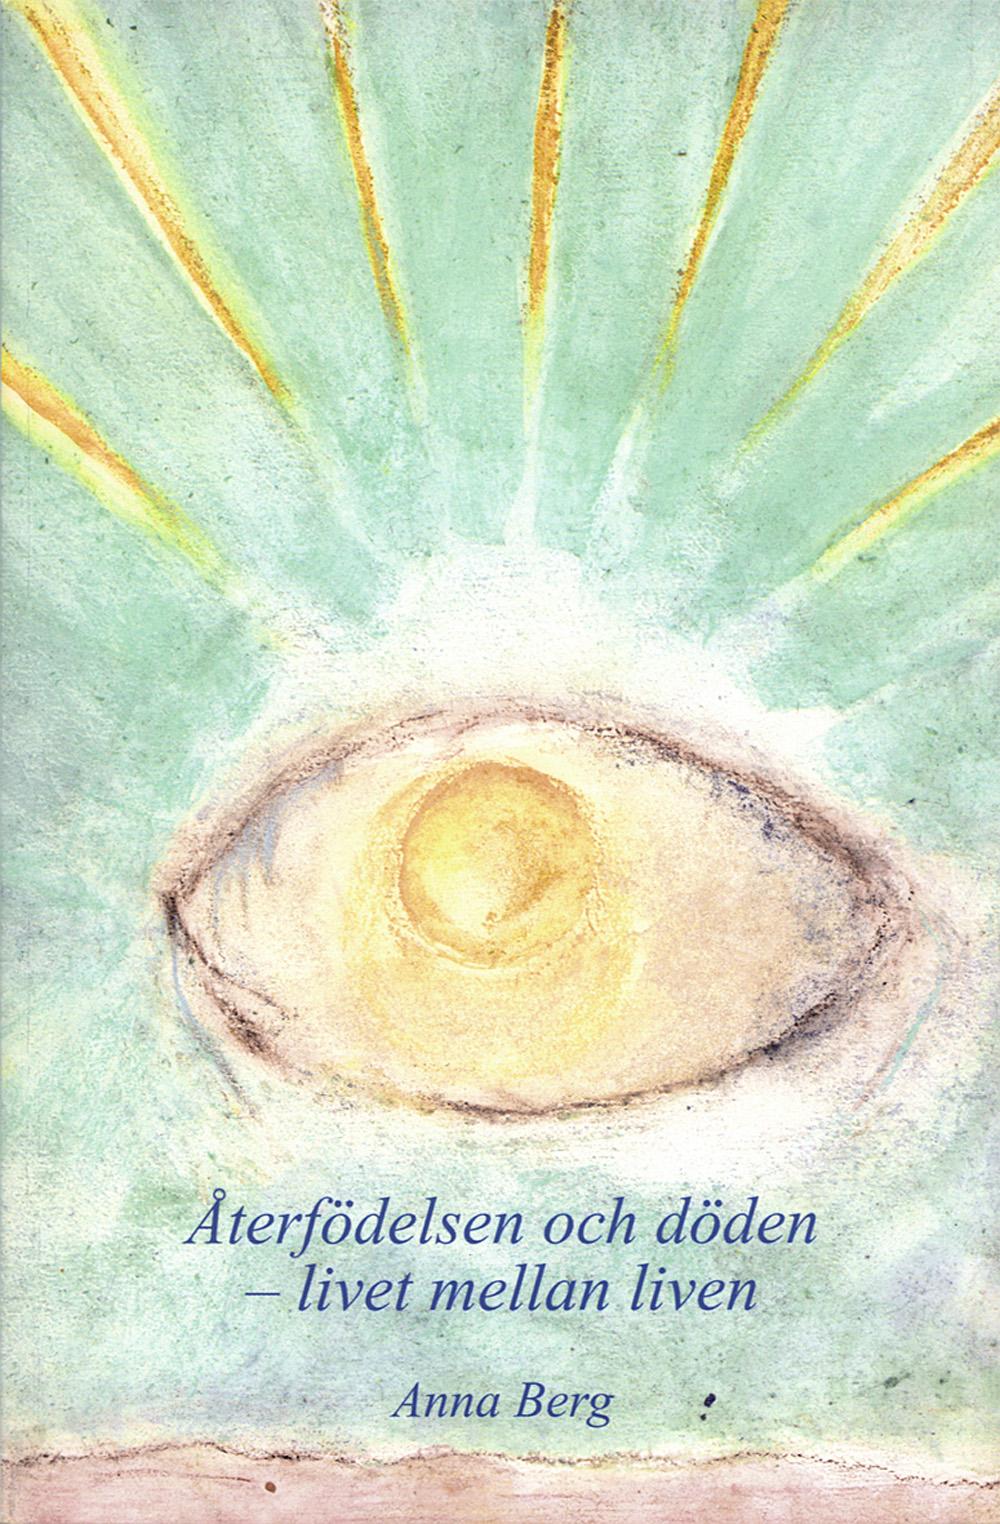 Återfödelsen och döden : livet mellan liven av Anna Berg